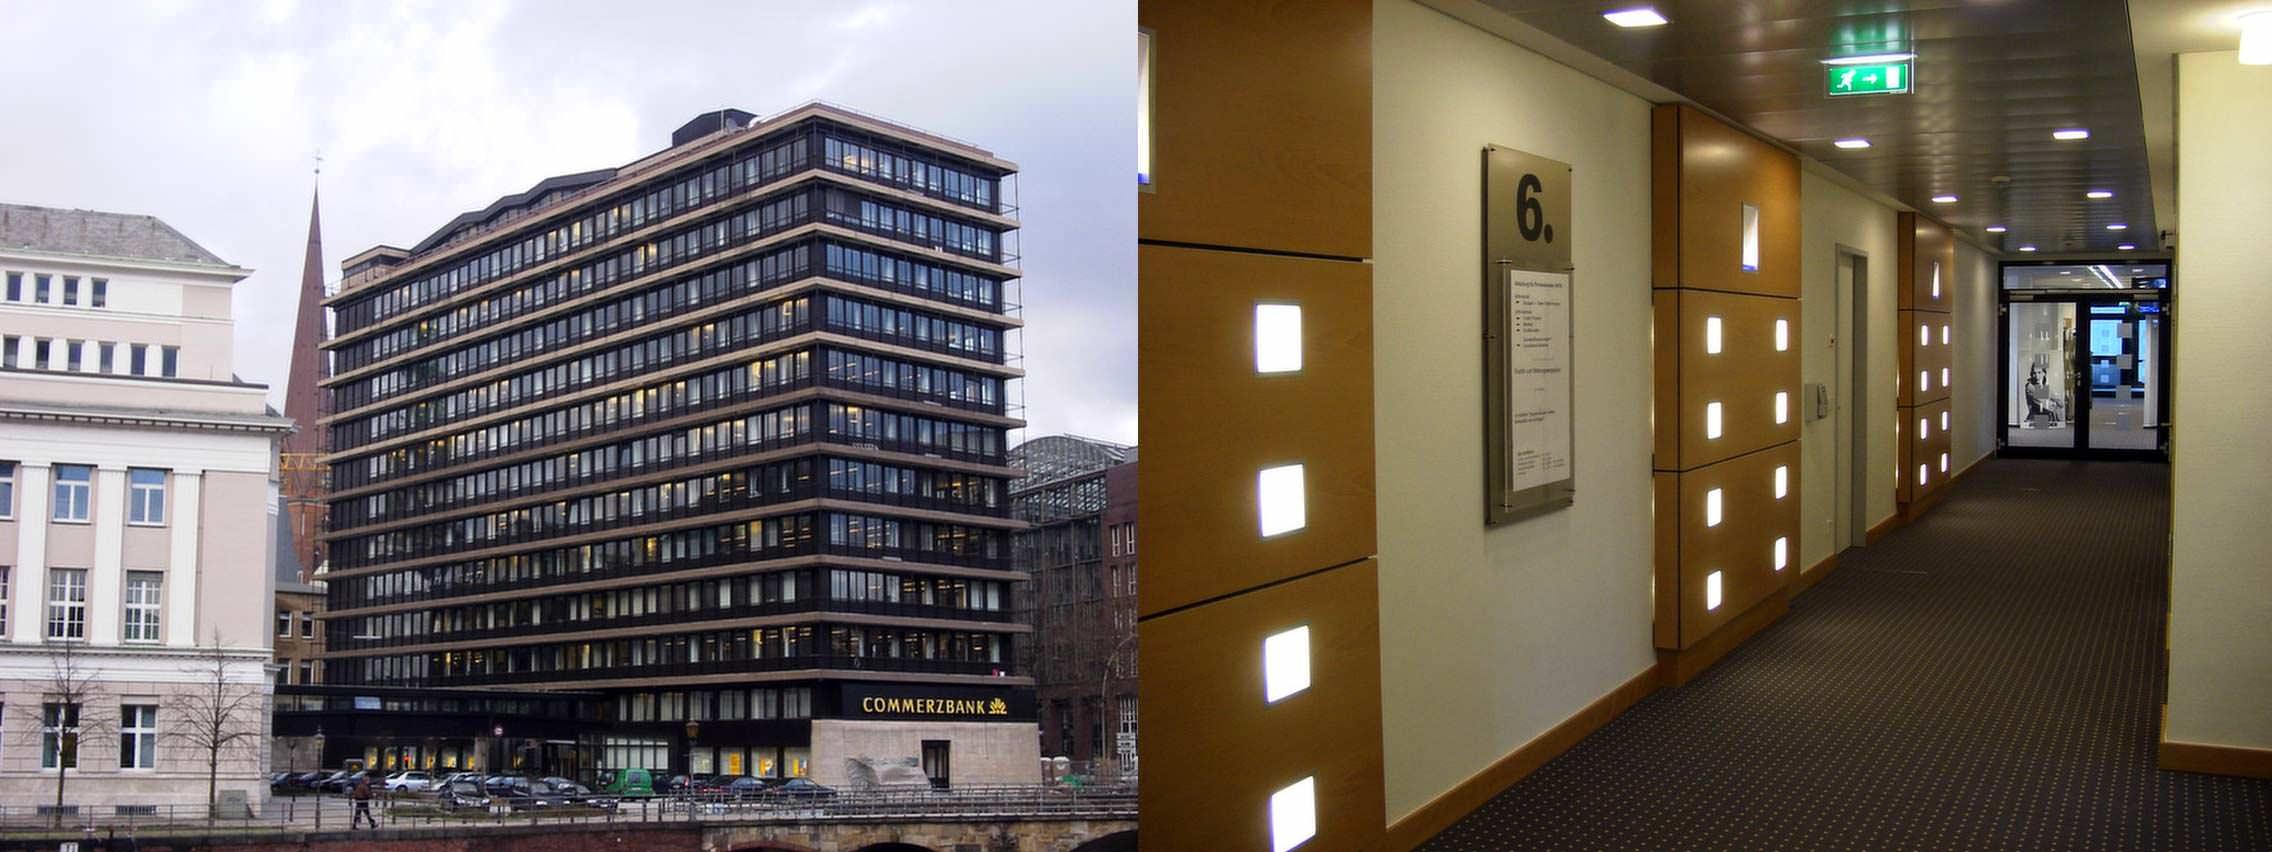 Architekturb ro idea architekten sanierung commerzbank ag for Innenarchitektur jobs hamburg